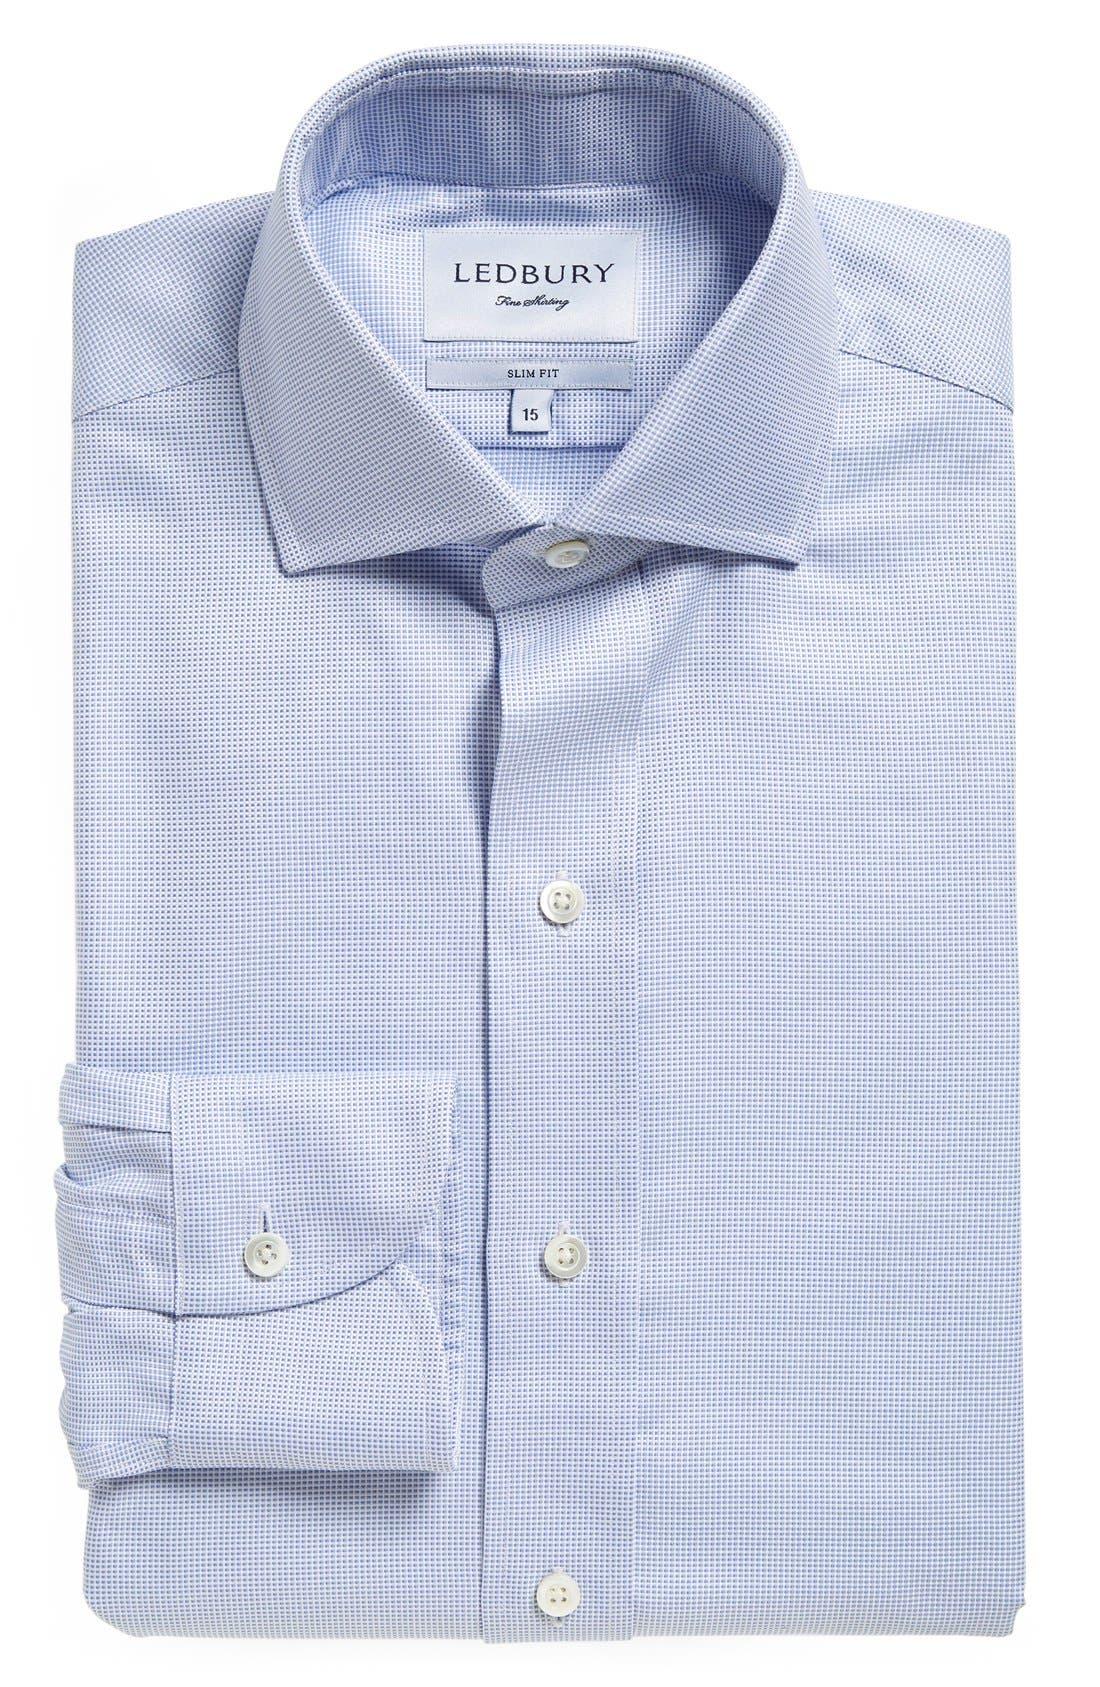 Ledbury 'Royal Oxford' Slim Fit Dress Shirt